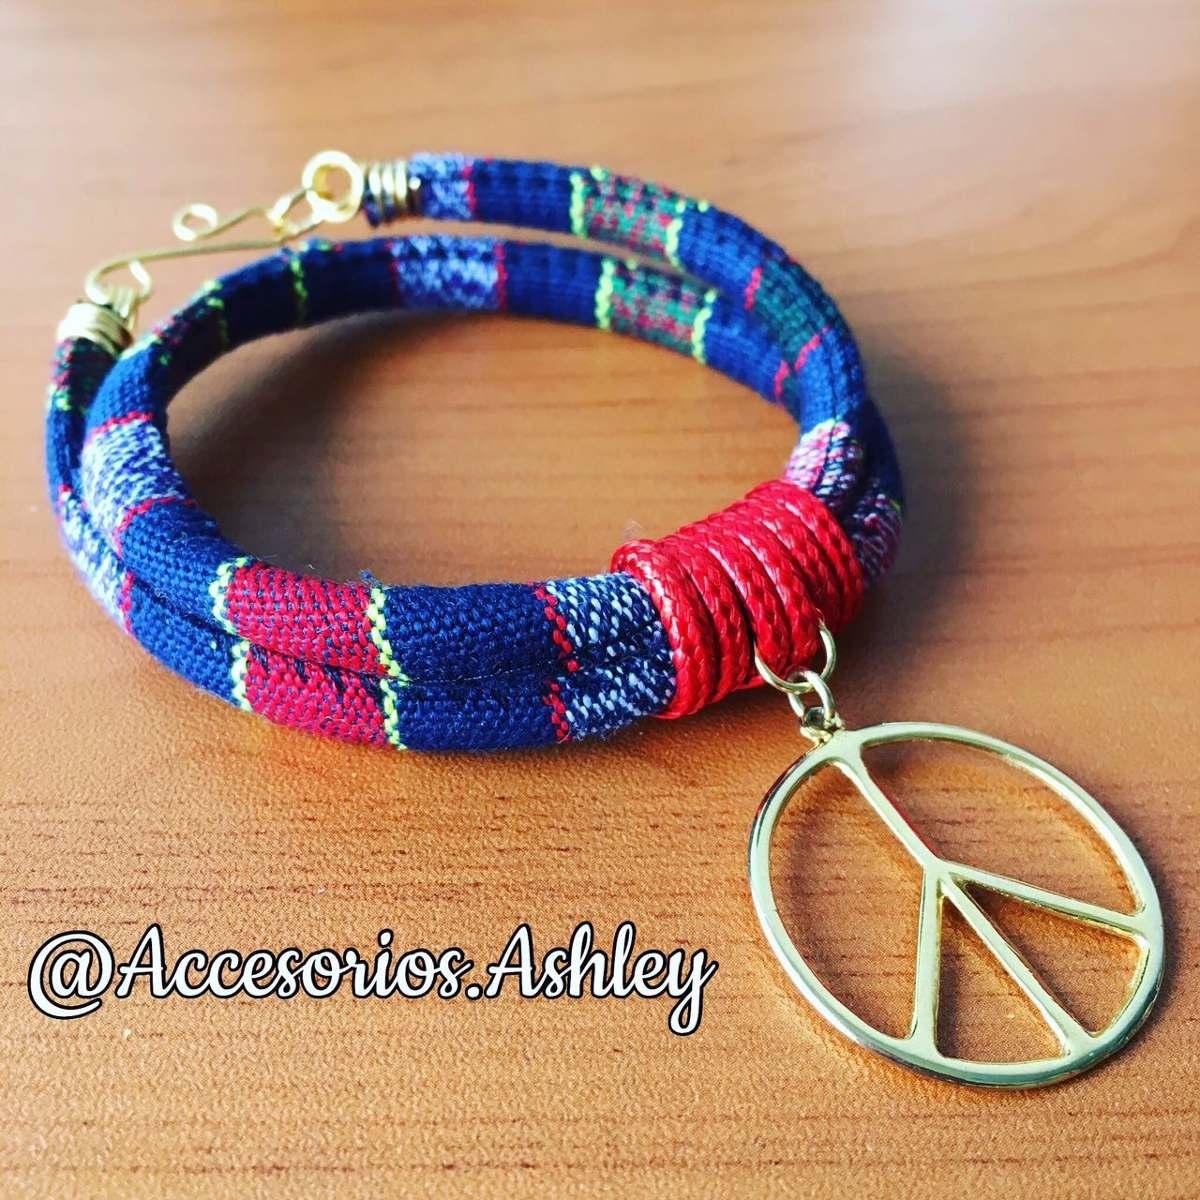 b79814f23023 Bisutería Pulseras Collares Accesorios Joyas - Moda Ashley -   2.999 ...